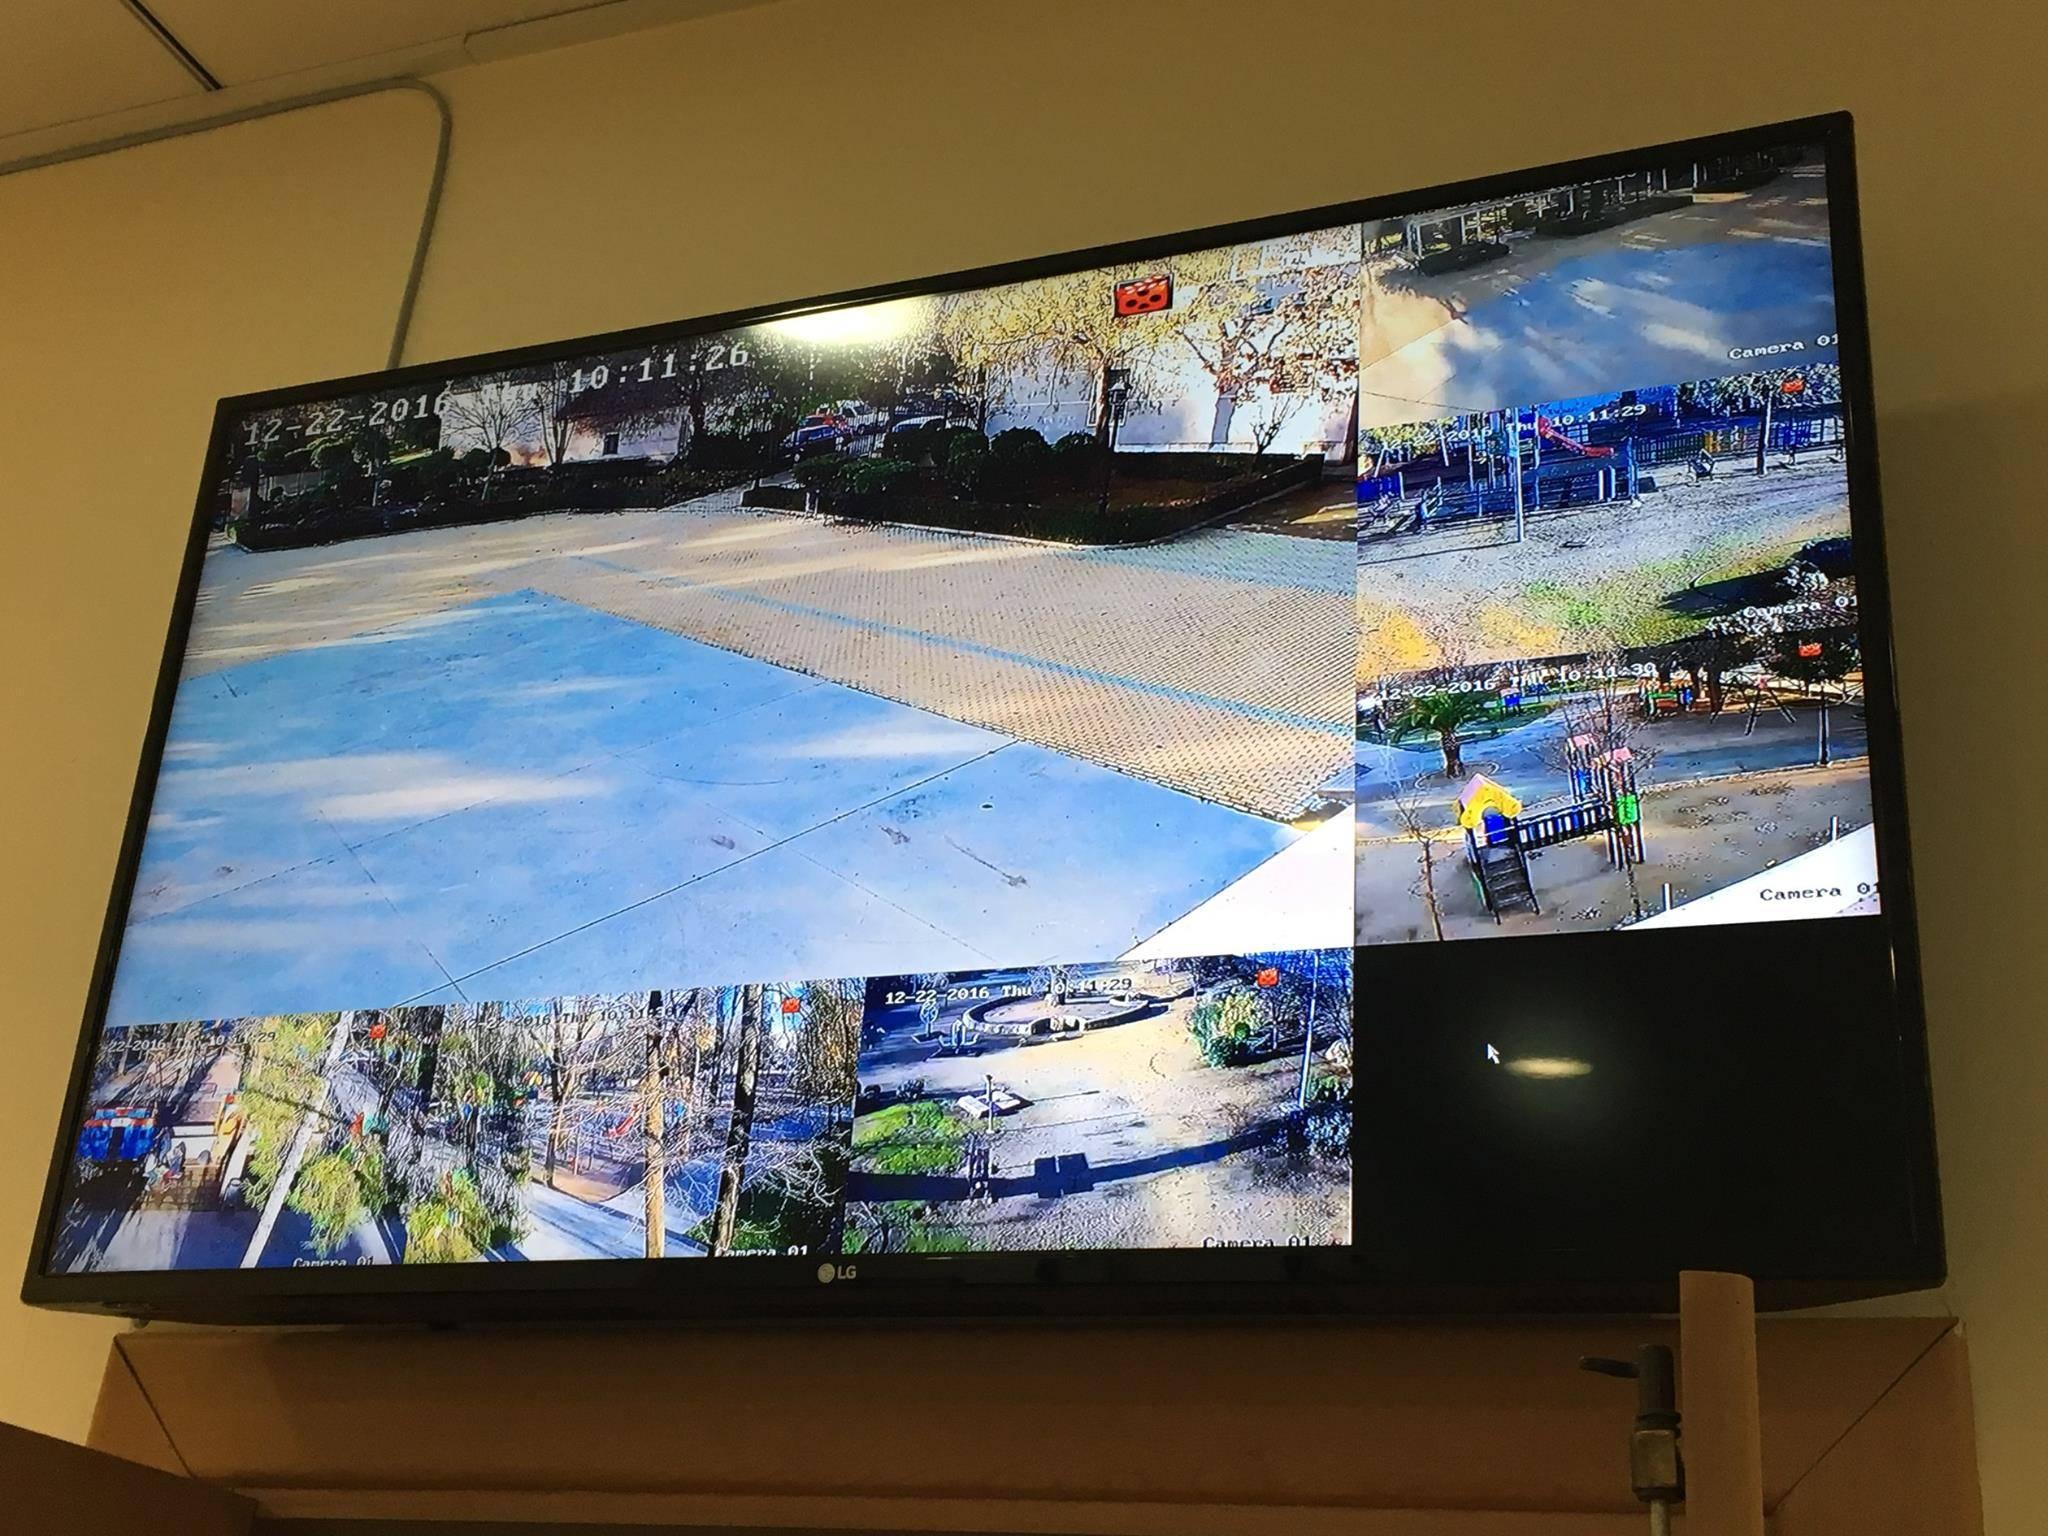 alcalde revisa camaras de seguridad en herencia 5 - El alcalde conoce el sistema de cámaras que vigilan Herencia